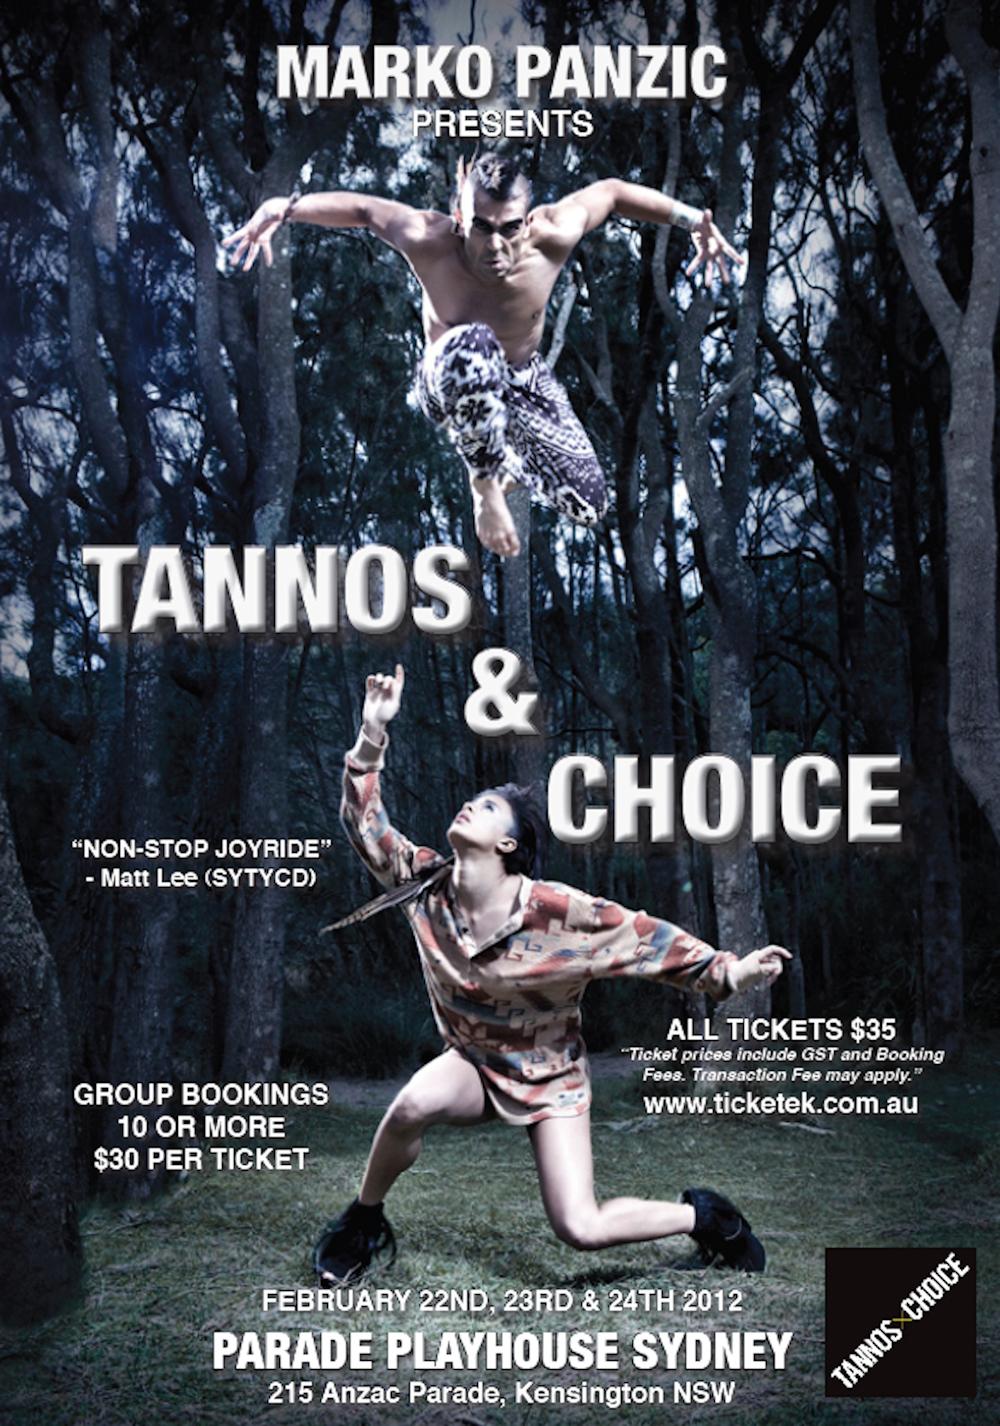 TANNOS & CHOICE